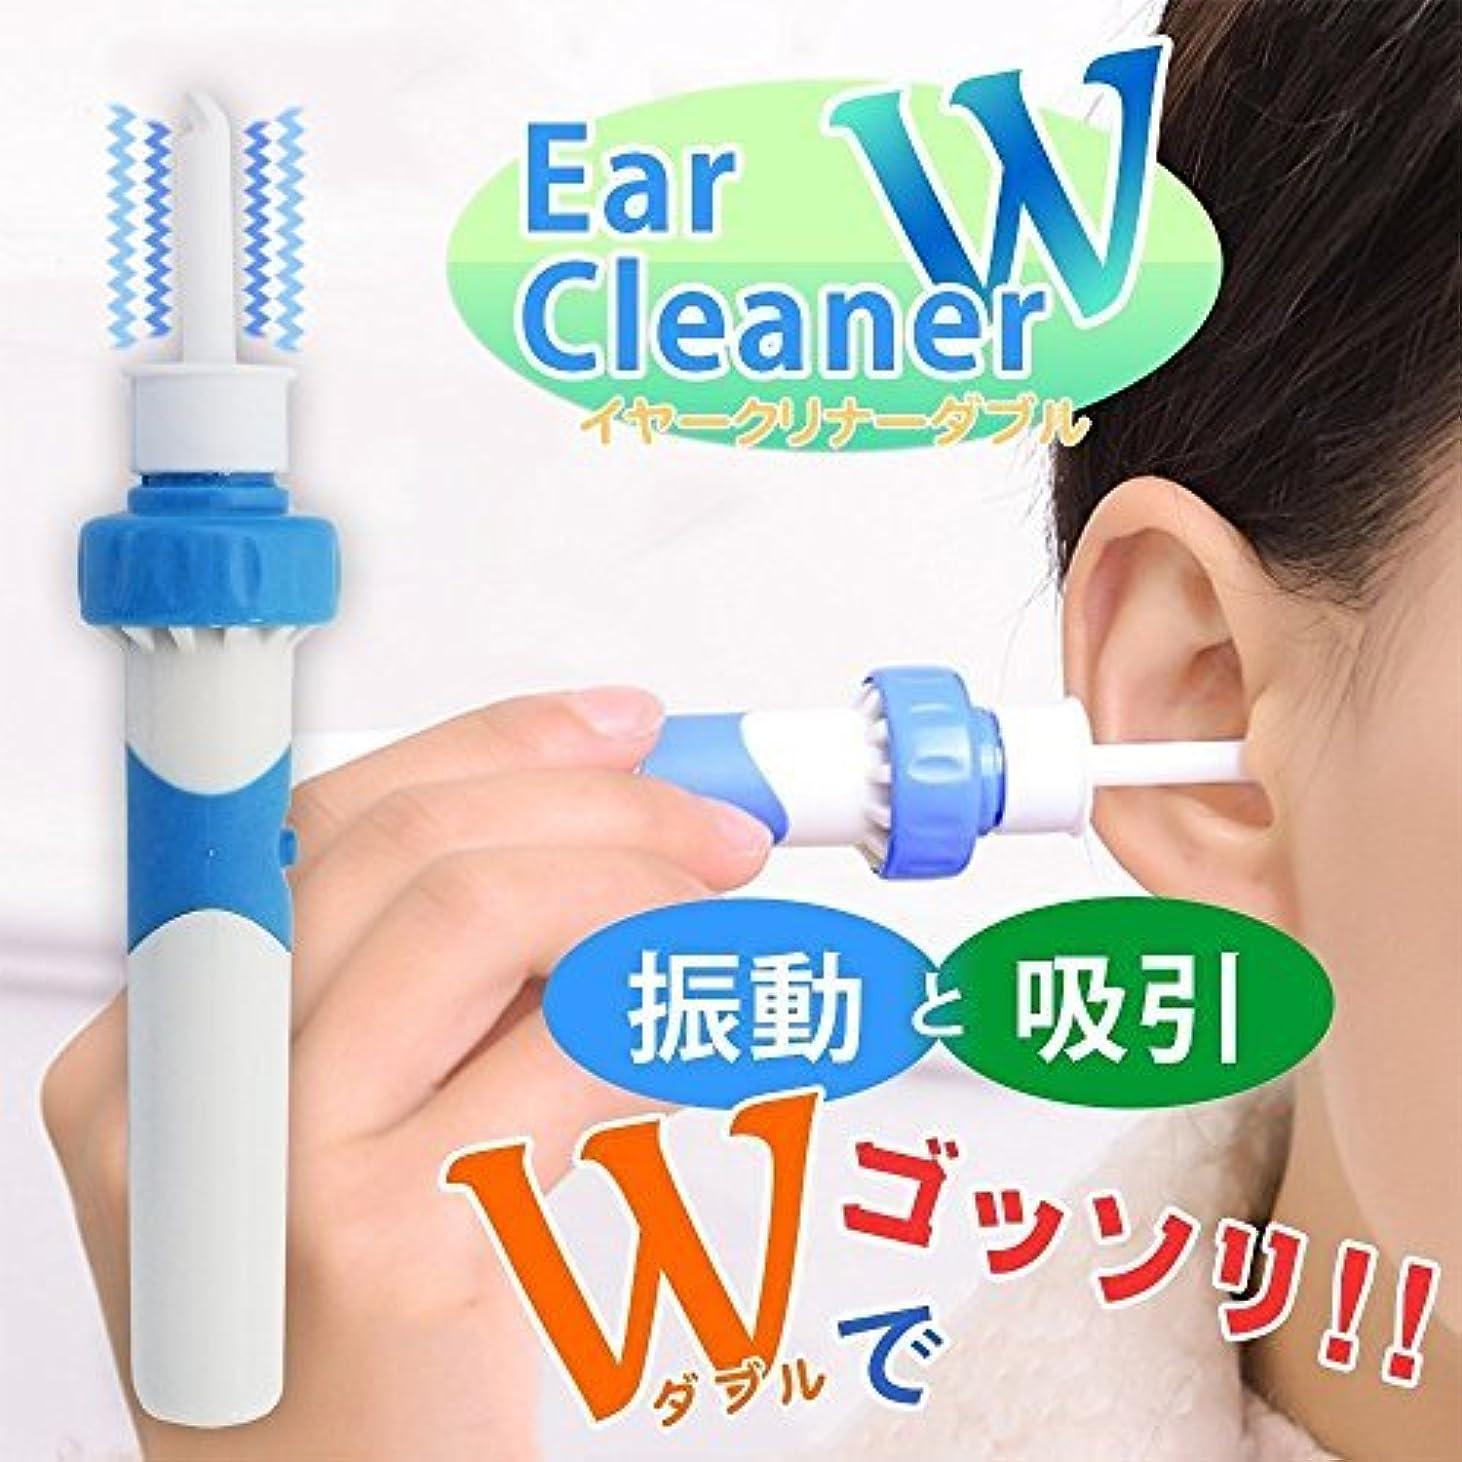 襲撃住居法律によりCHUI FEN 耳掃除機 電動耳掃除 耳クリーナー 耳掃除 みみそうじ 耳垢 吸引 耳あか吸引